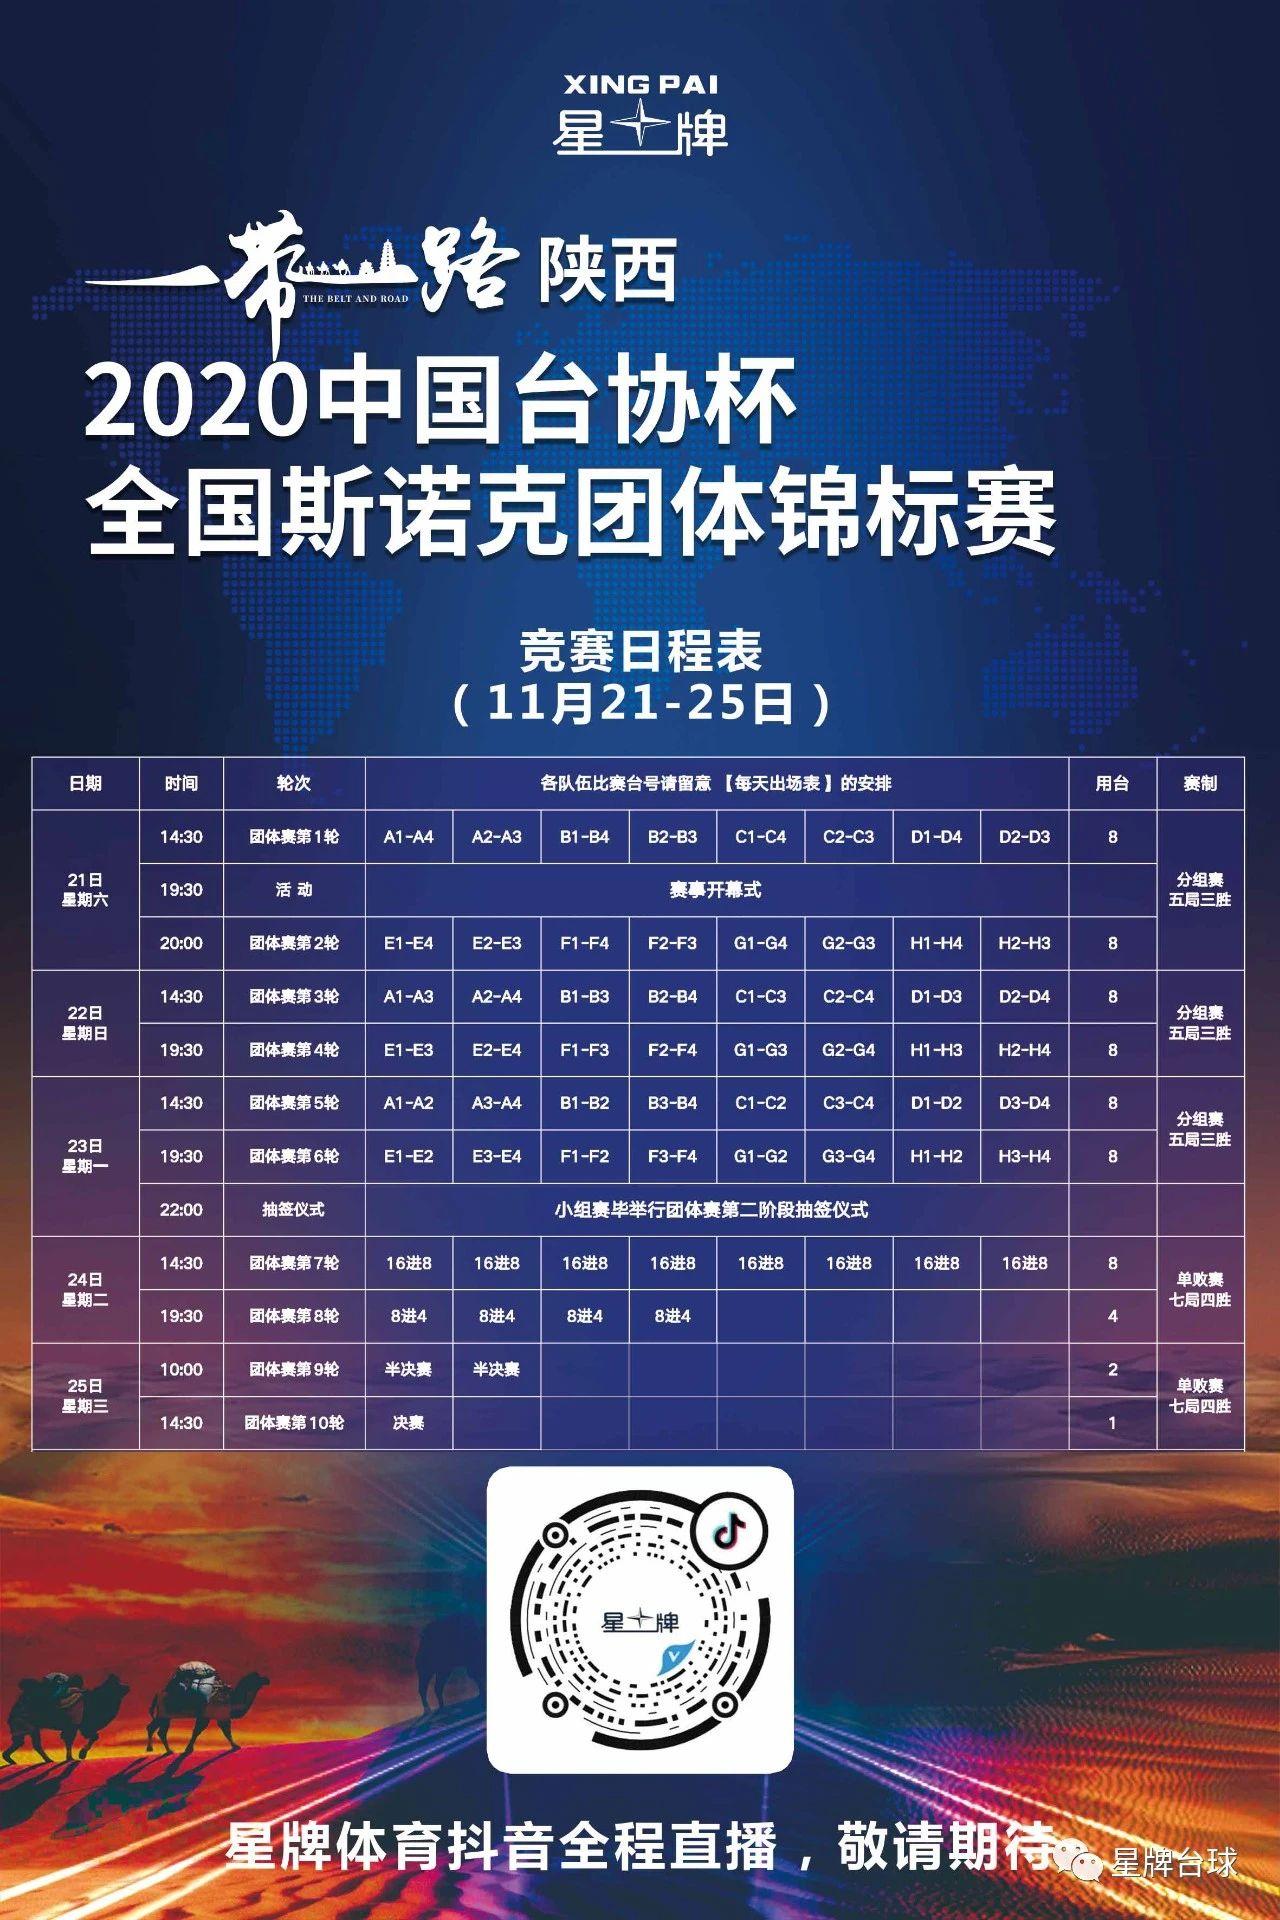 全国斯诺克团体锦标赛首日:北京台协星牌队取开门红